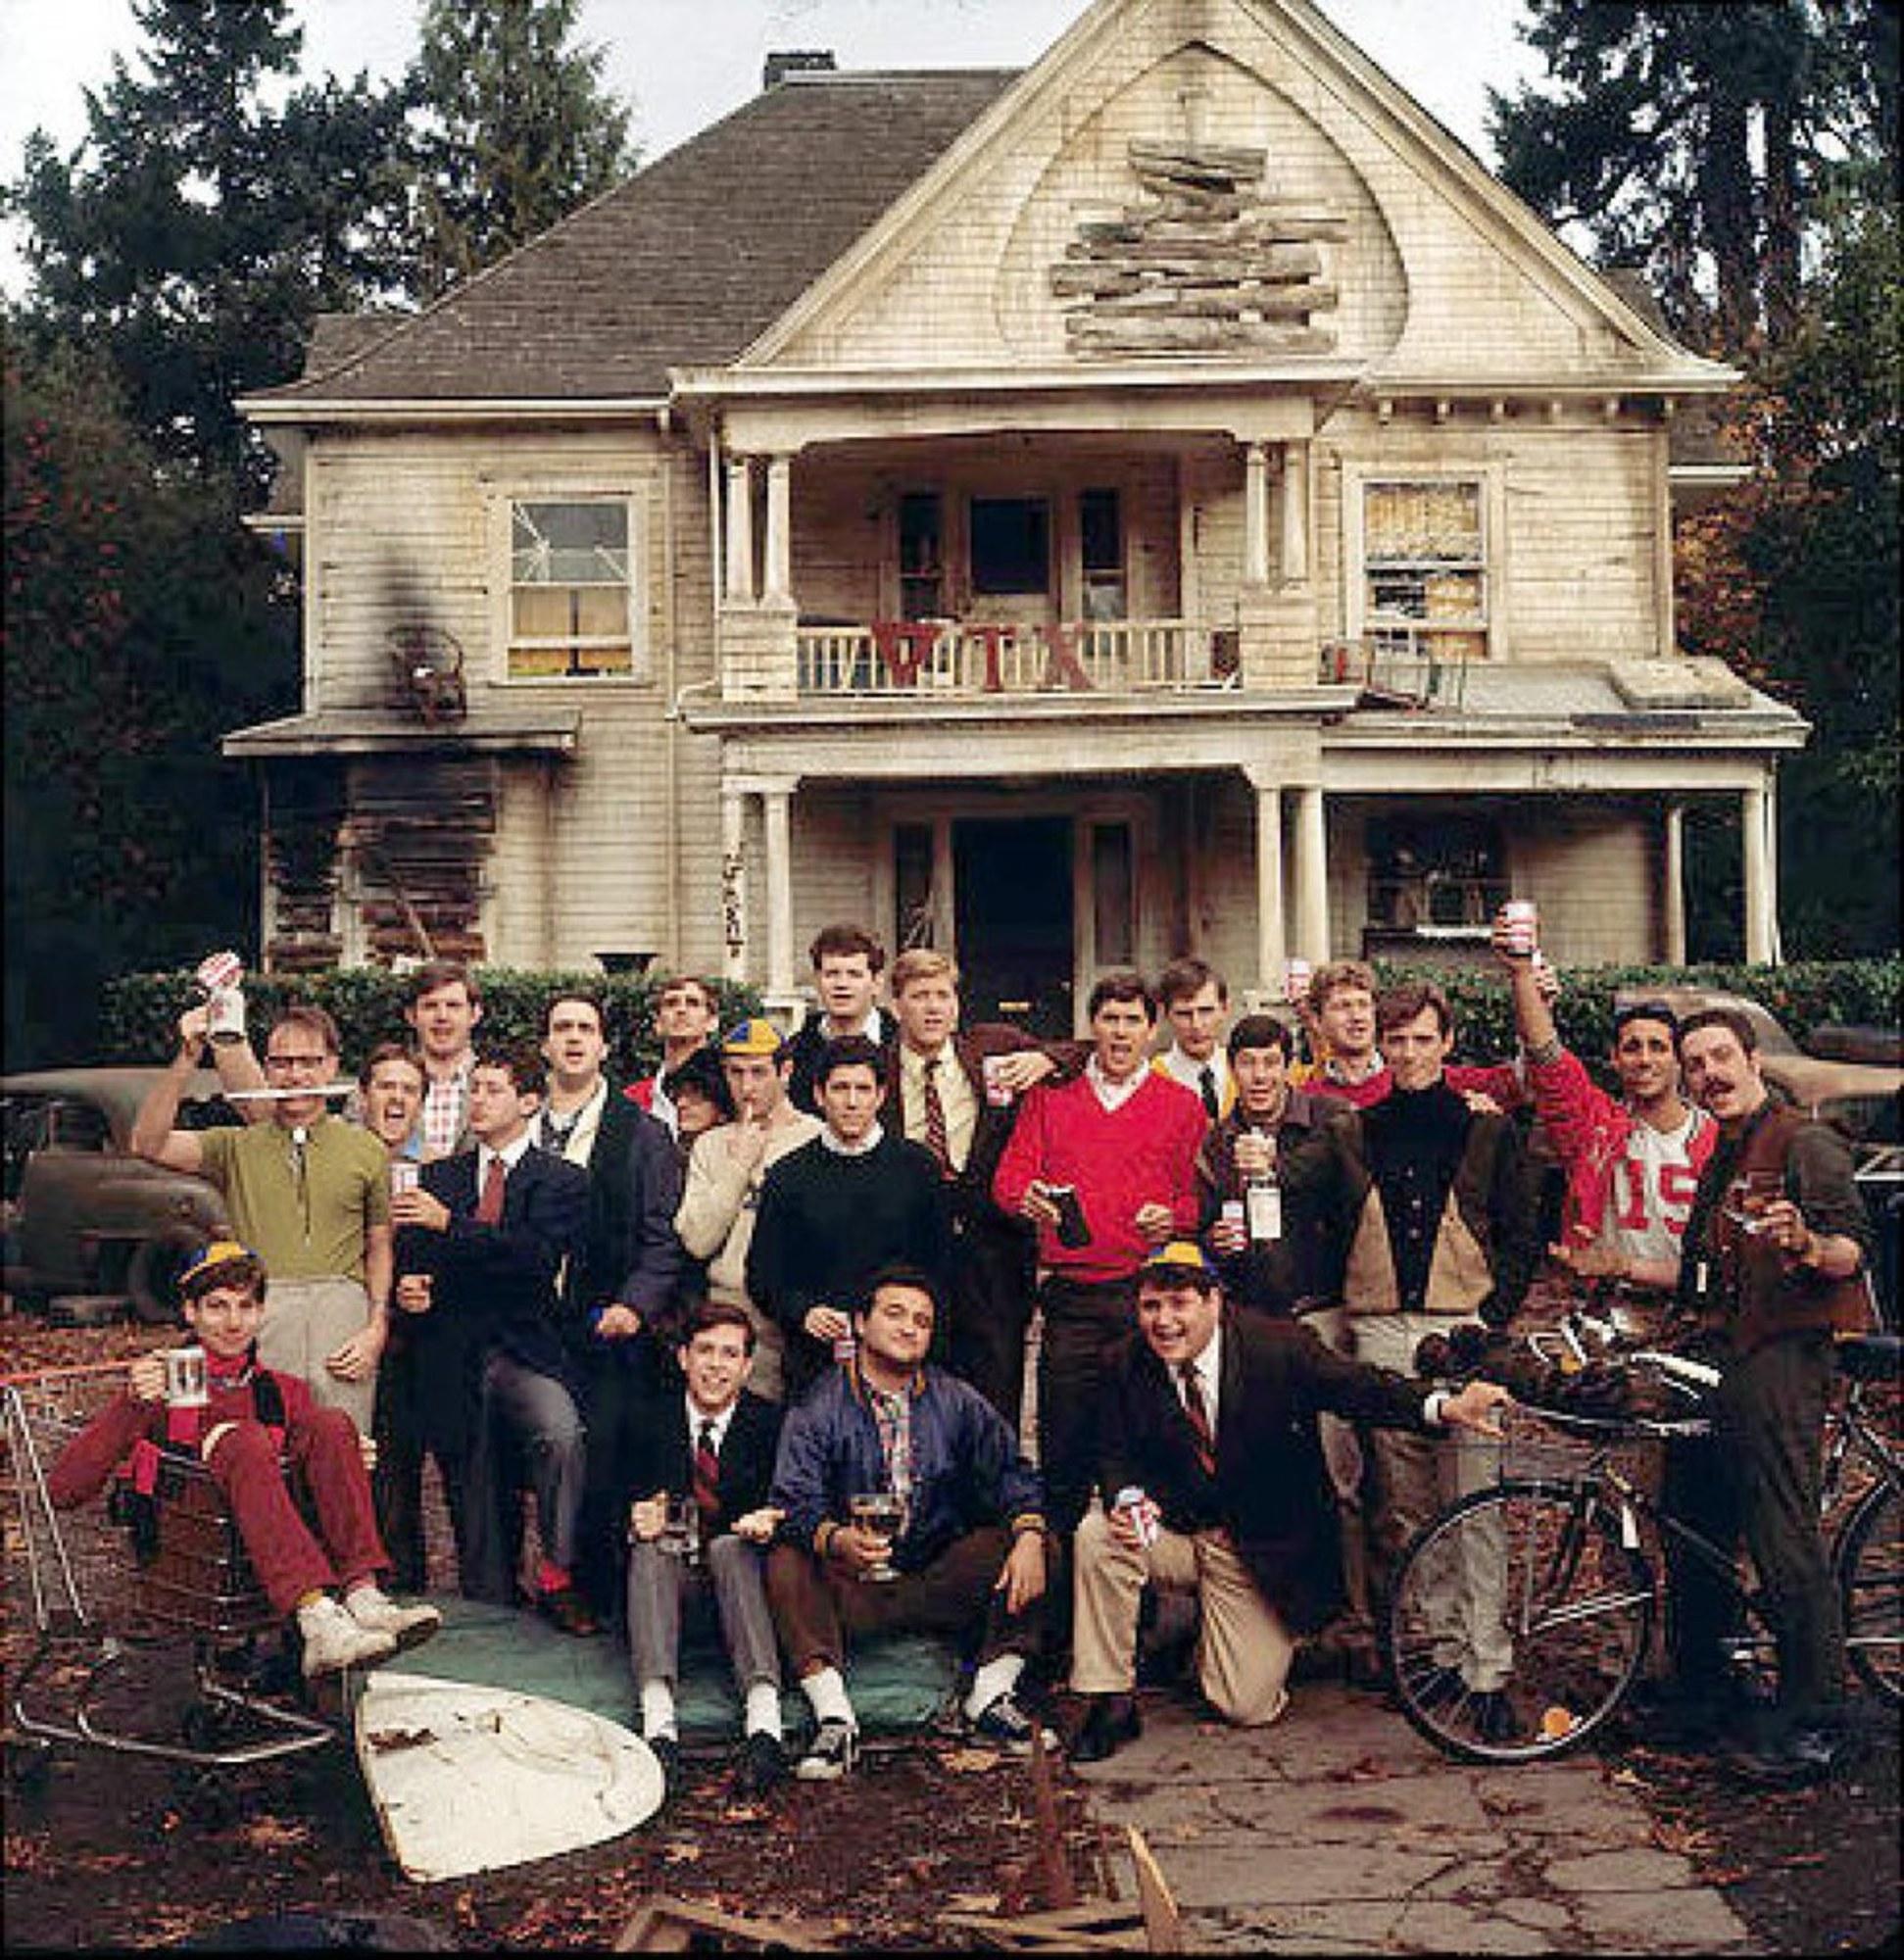 Почему в Америке есть студенческие братства, а у нас - нет?